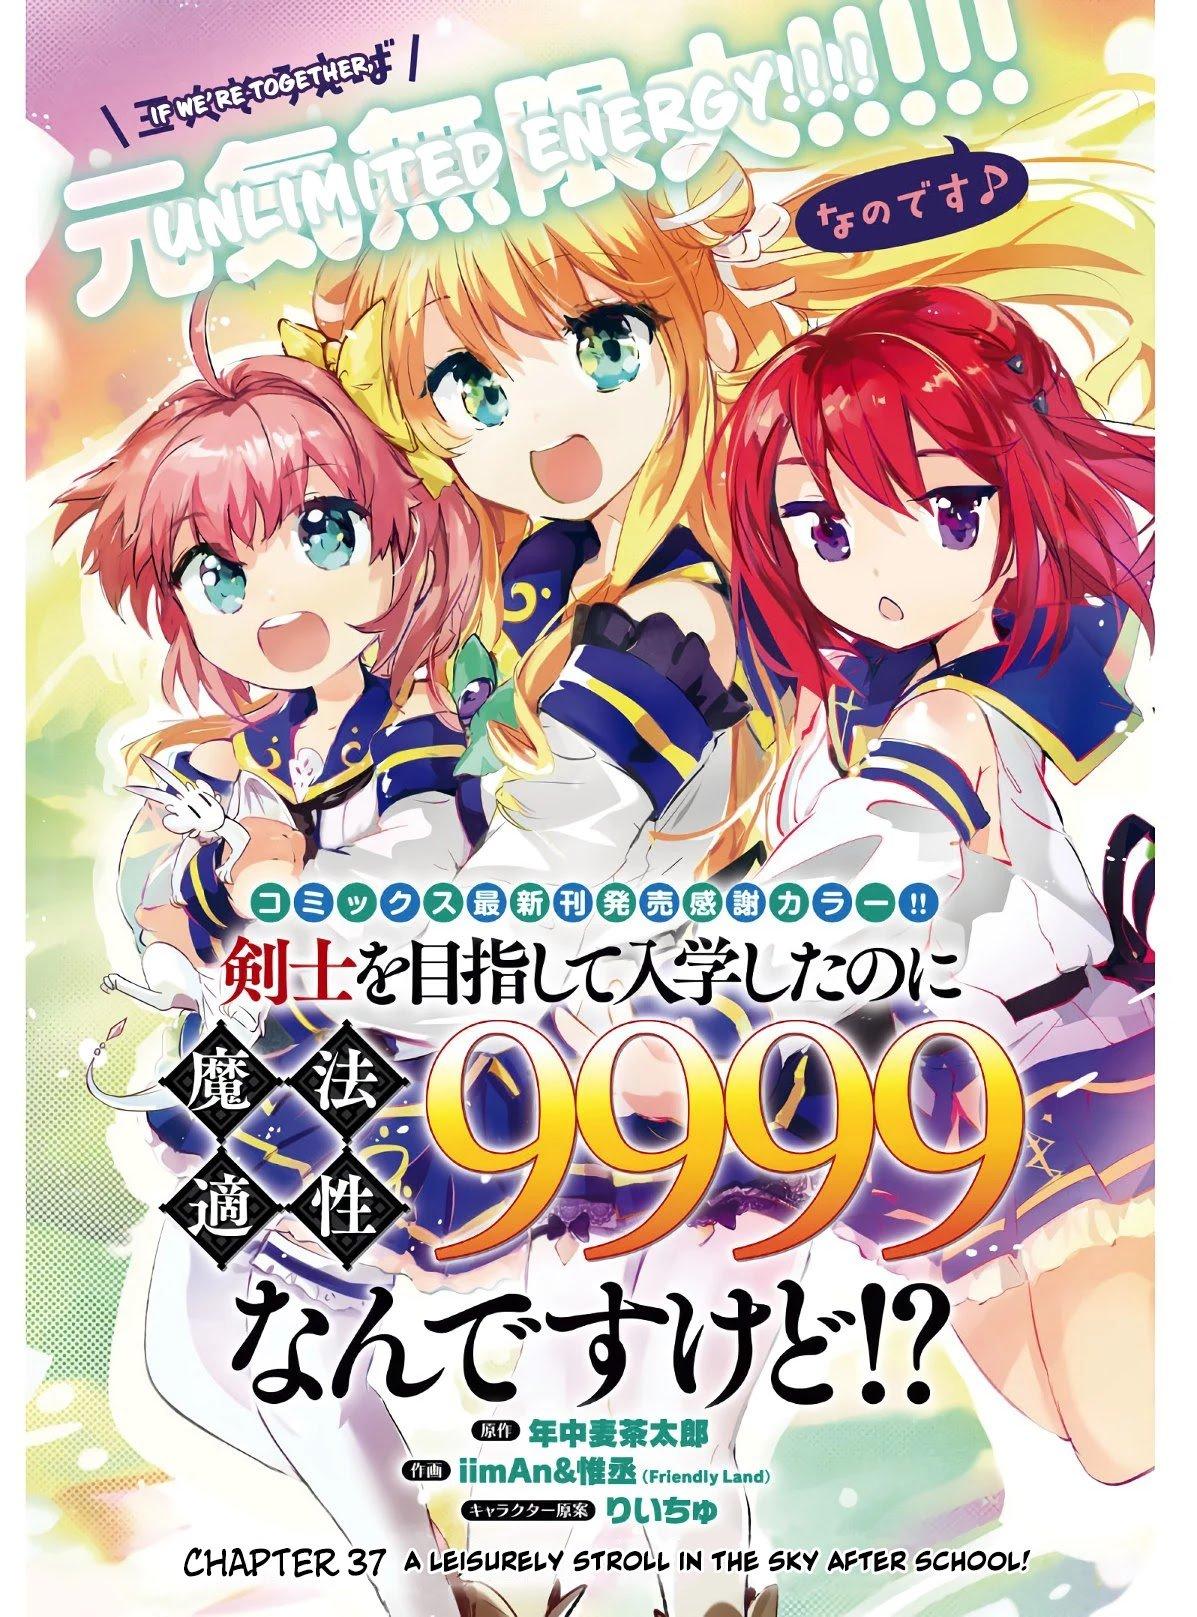 Manga Kenshi O Mezashite Nyūgaku Shitanoni Mahō Tekisei 9999 Nandesukedo!? - Chapter 37 Page 1